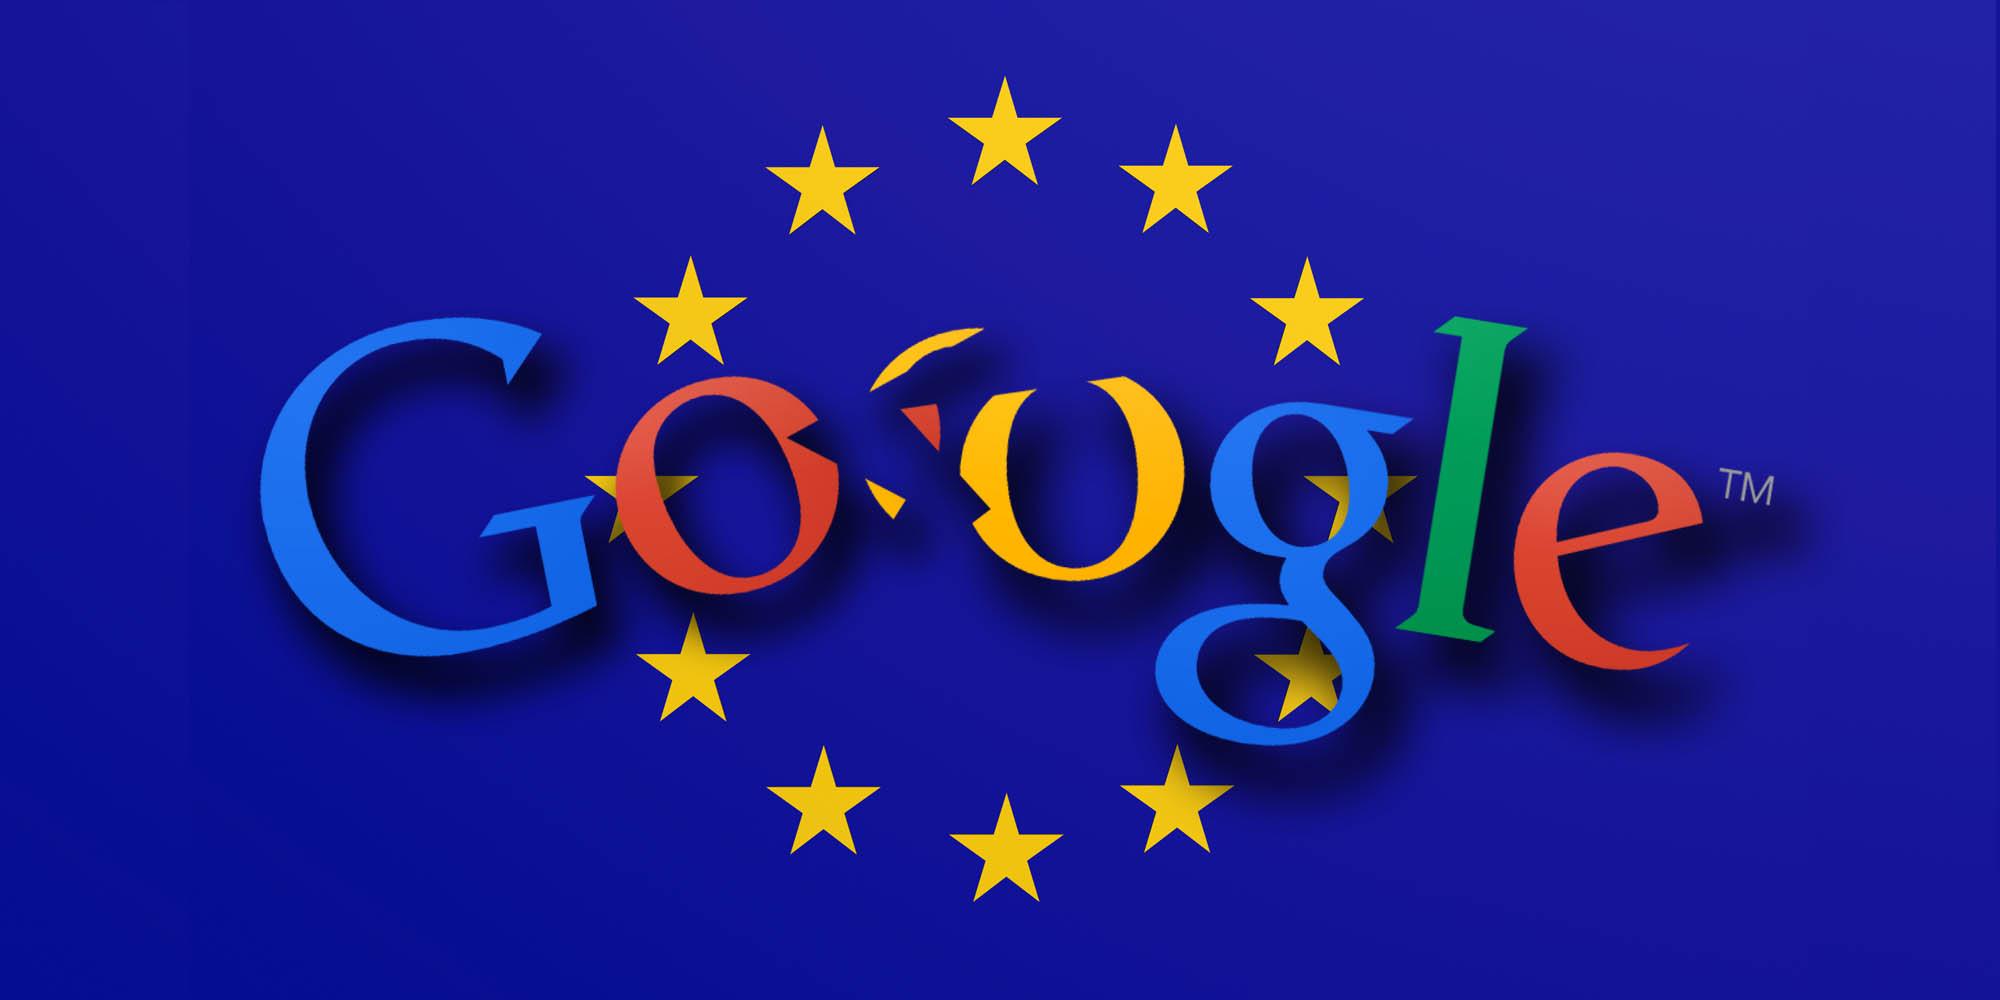 Google začne vybírat poplatky v zemích EU